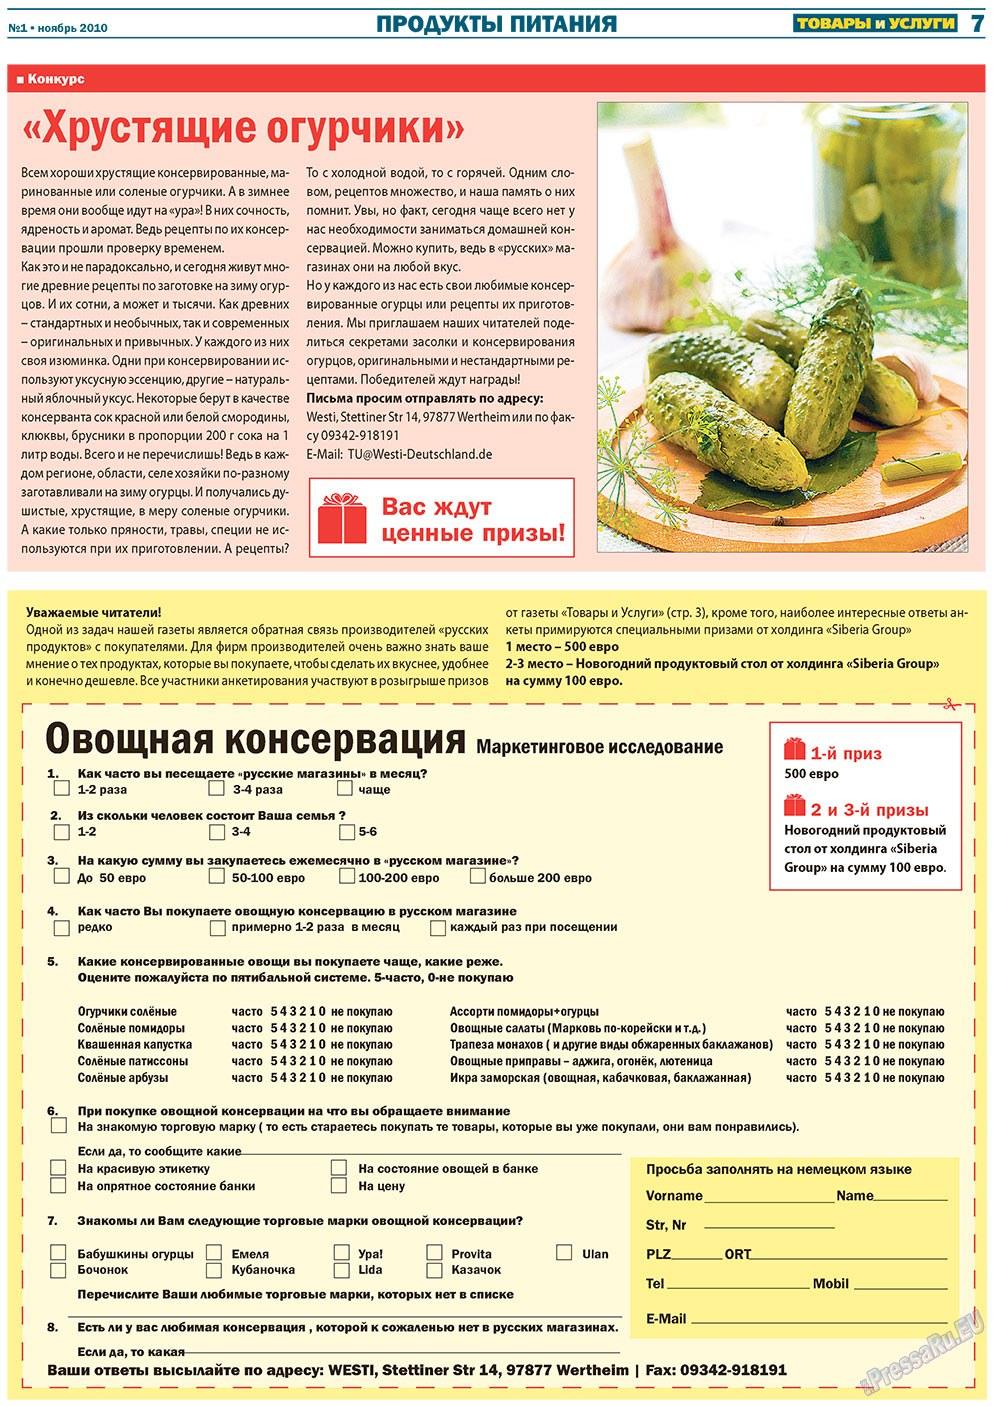 Товары и услуги (газета). 2010 год, номер 1, стр. 7